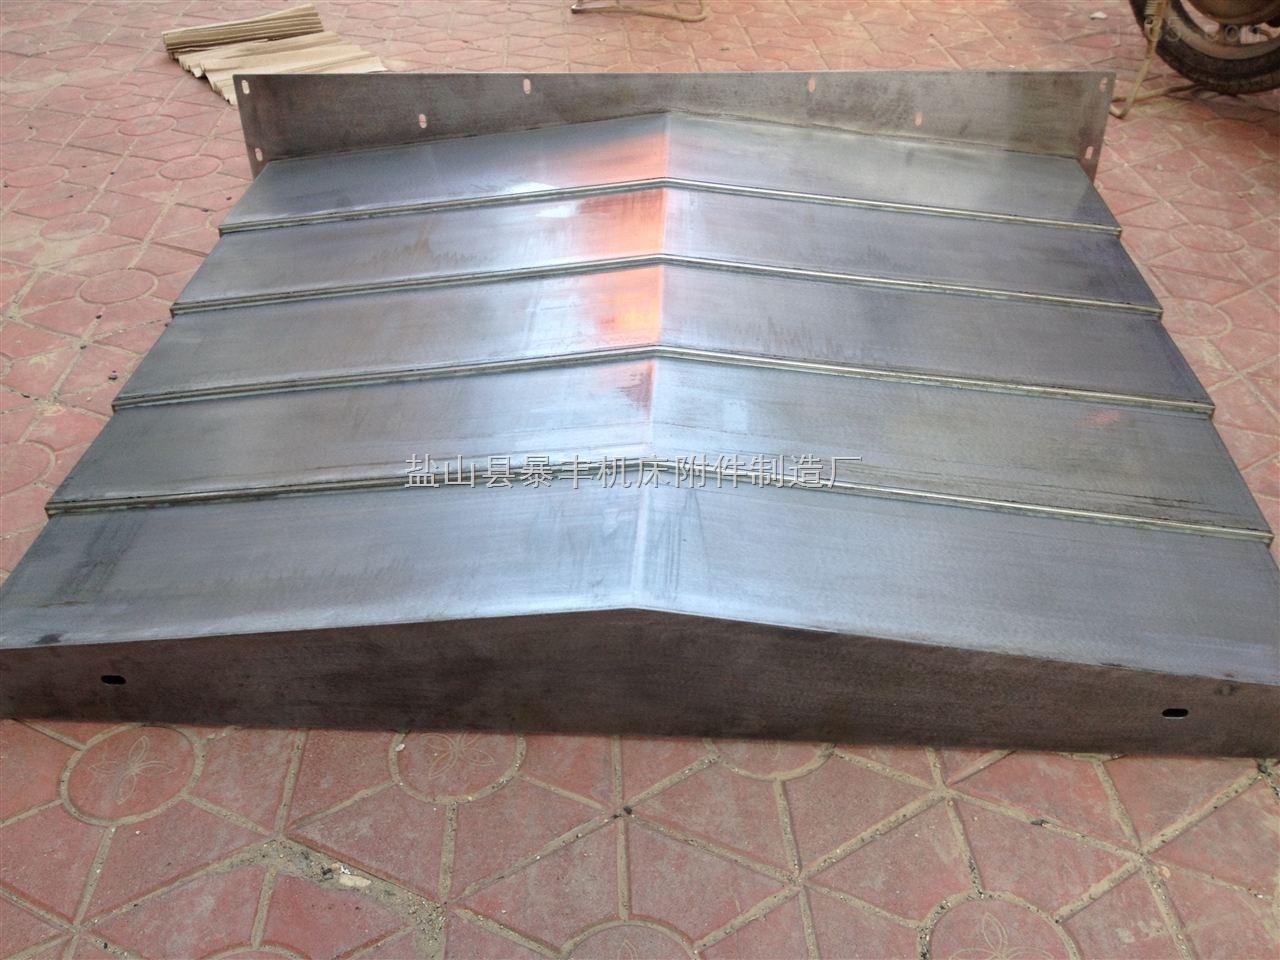 龙门铣床导轨专用伸缩防护板,伸缩式导轨防护罩